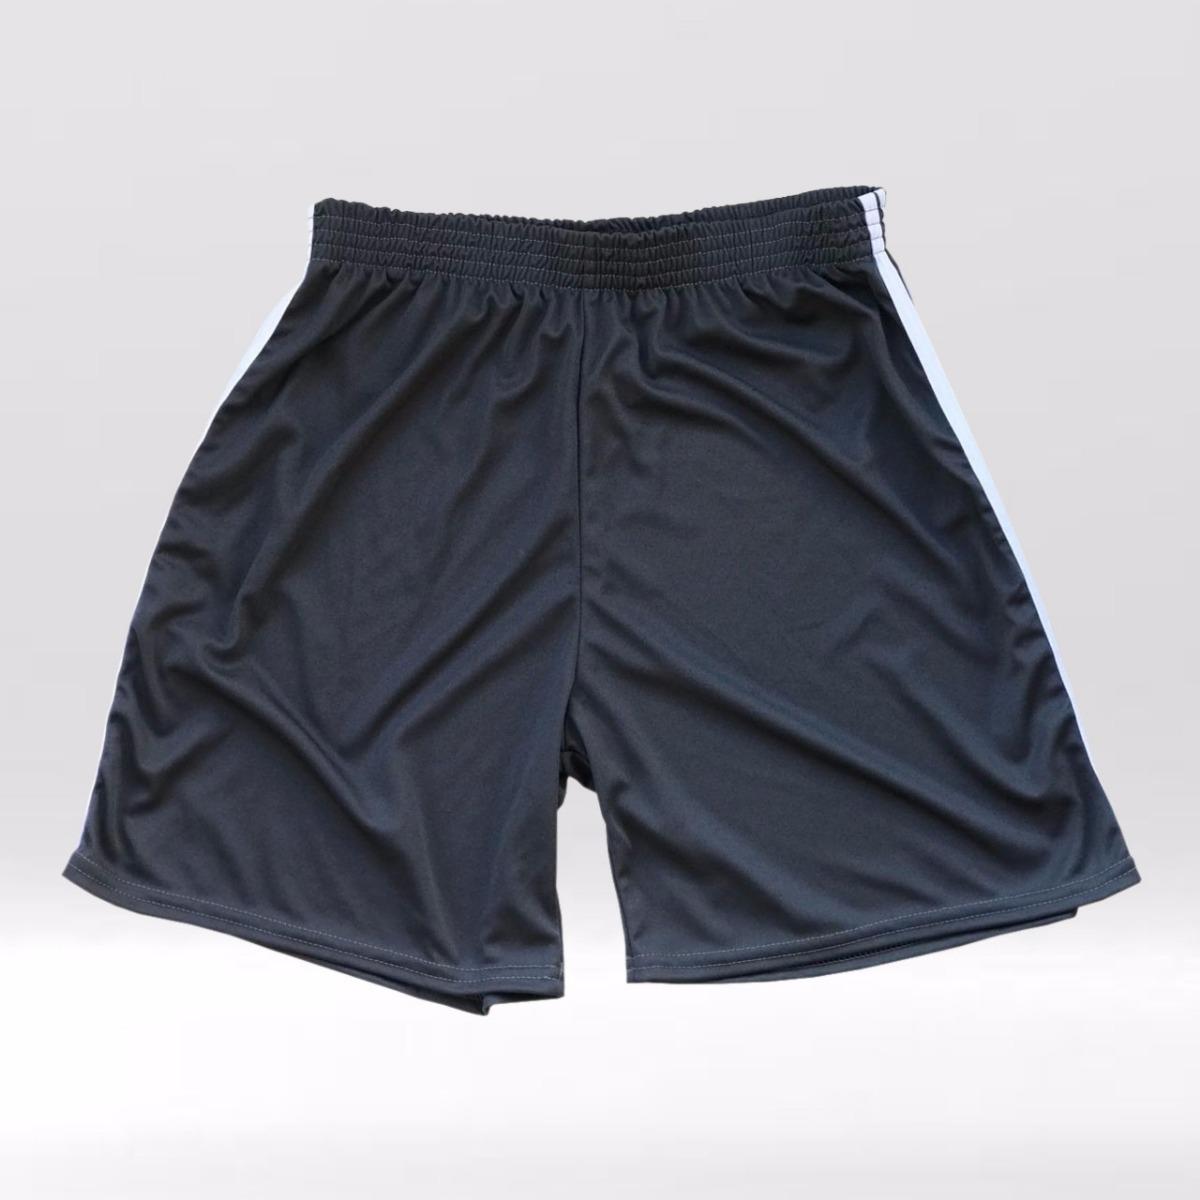 kit10 calção short masculino colegial futebol esporte futsal. Carregando  zoom... short futebol esporte. Carregando zoom. b81fe1bbf2942